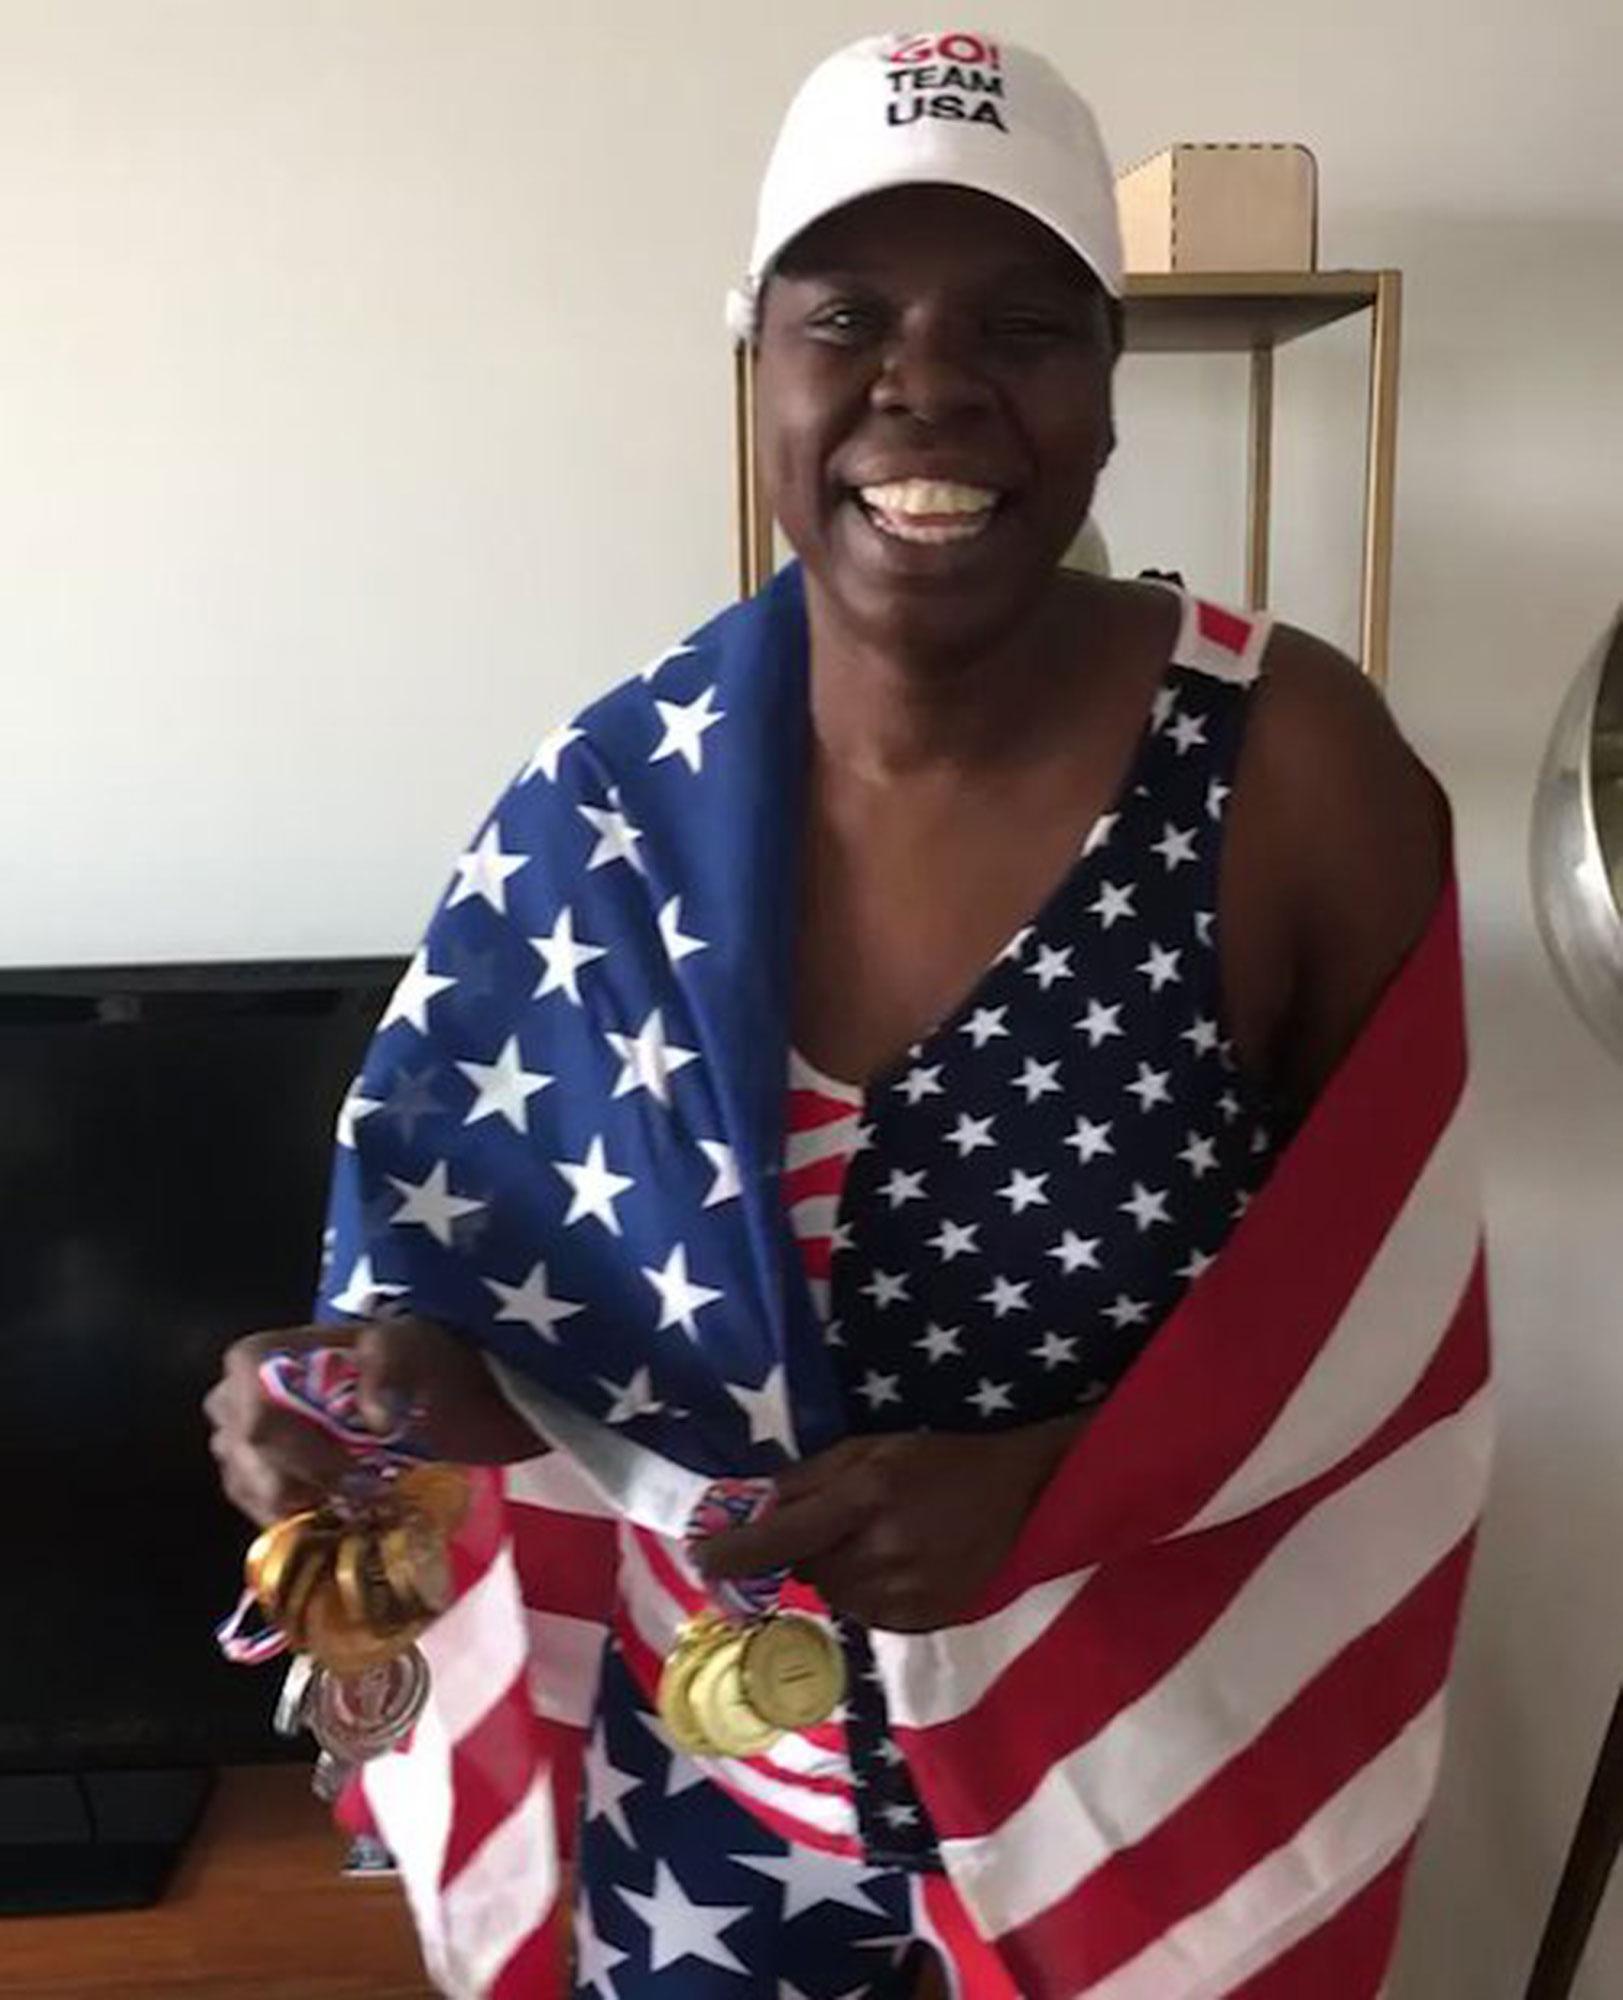 Leslie Jones OlympicsCredit: Leslie Jones/Twitter